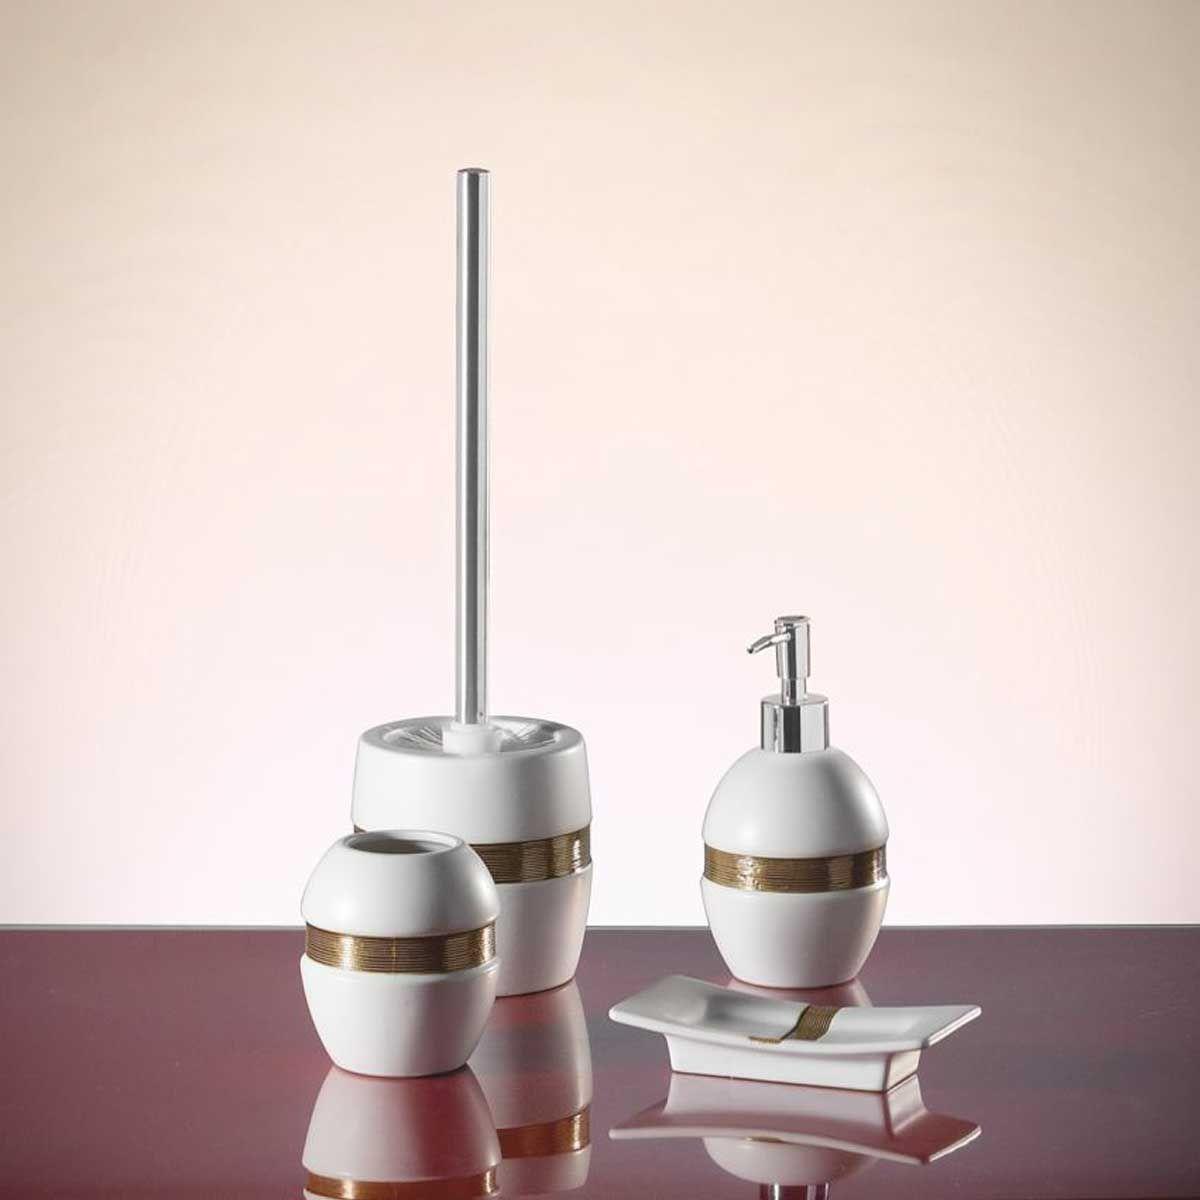 Accessori Bagno Tl Bath : Set accessori bagno maya metaform